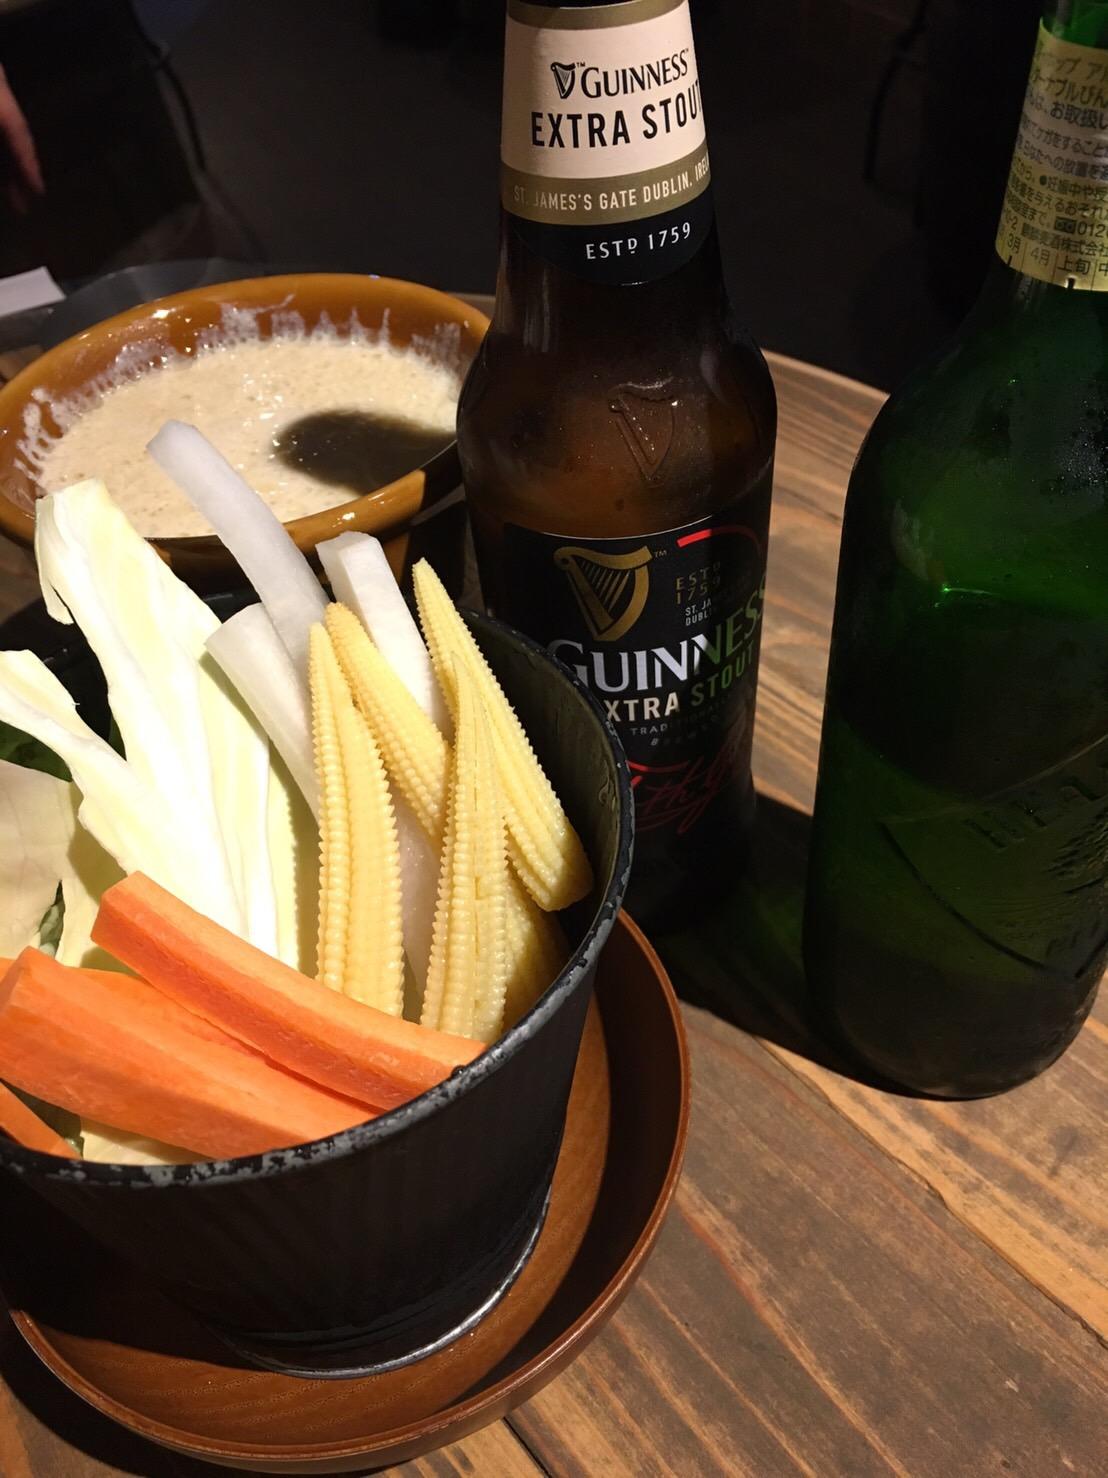 【SUN8キッチン】全部380円の激安居酒屋!熊本下通り駕町